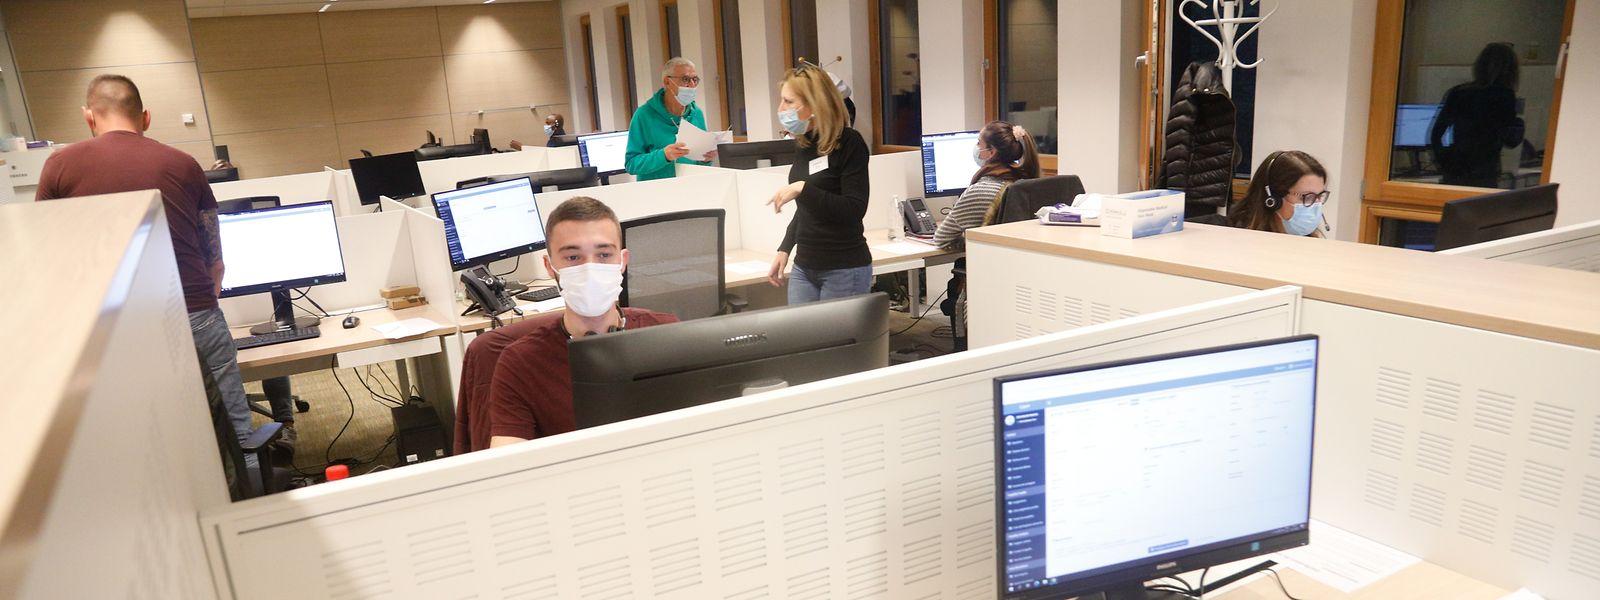 Bis zu 220 Menschen arbeiten jeden Tag in dem Gebäude in Findel.